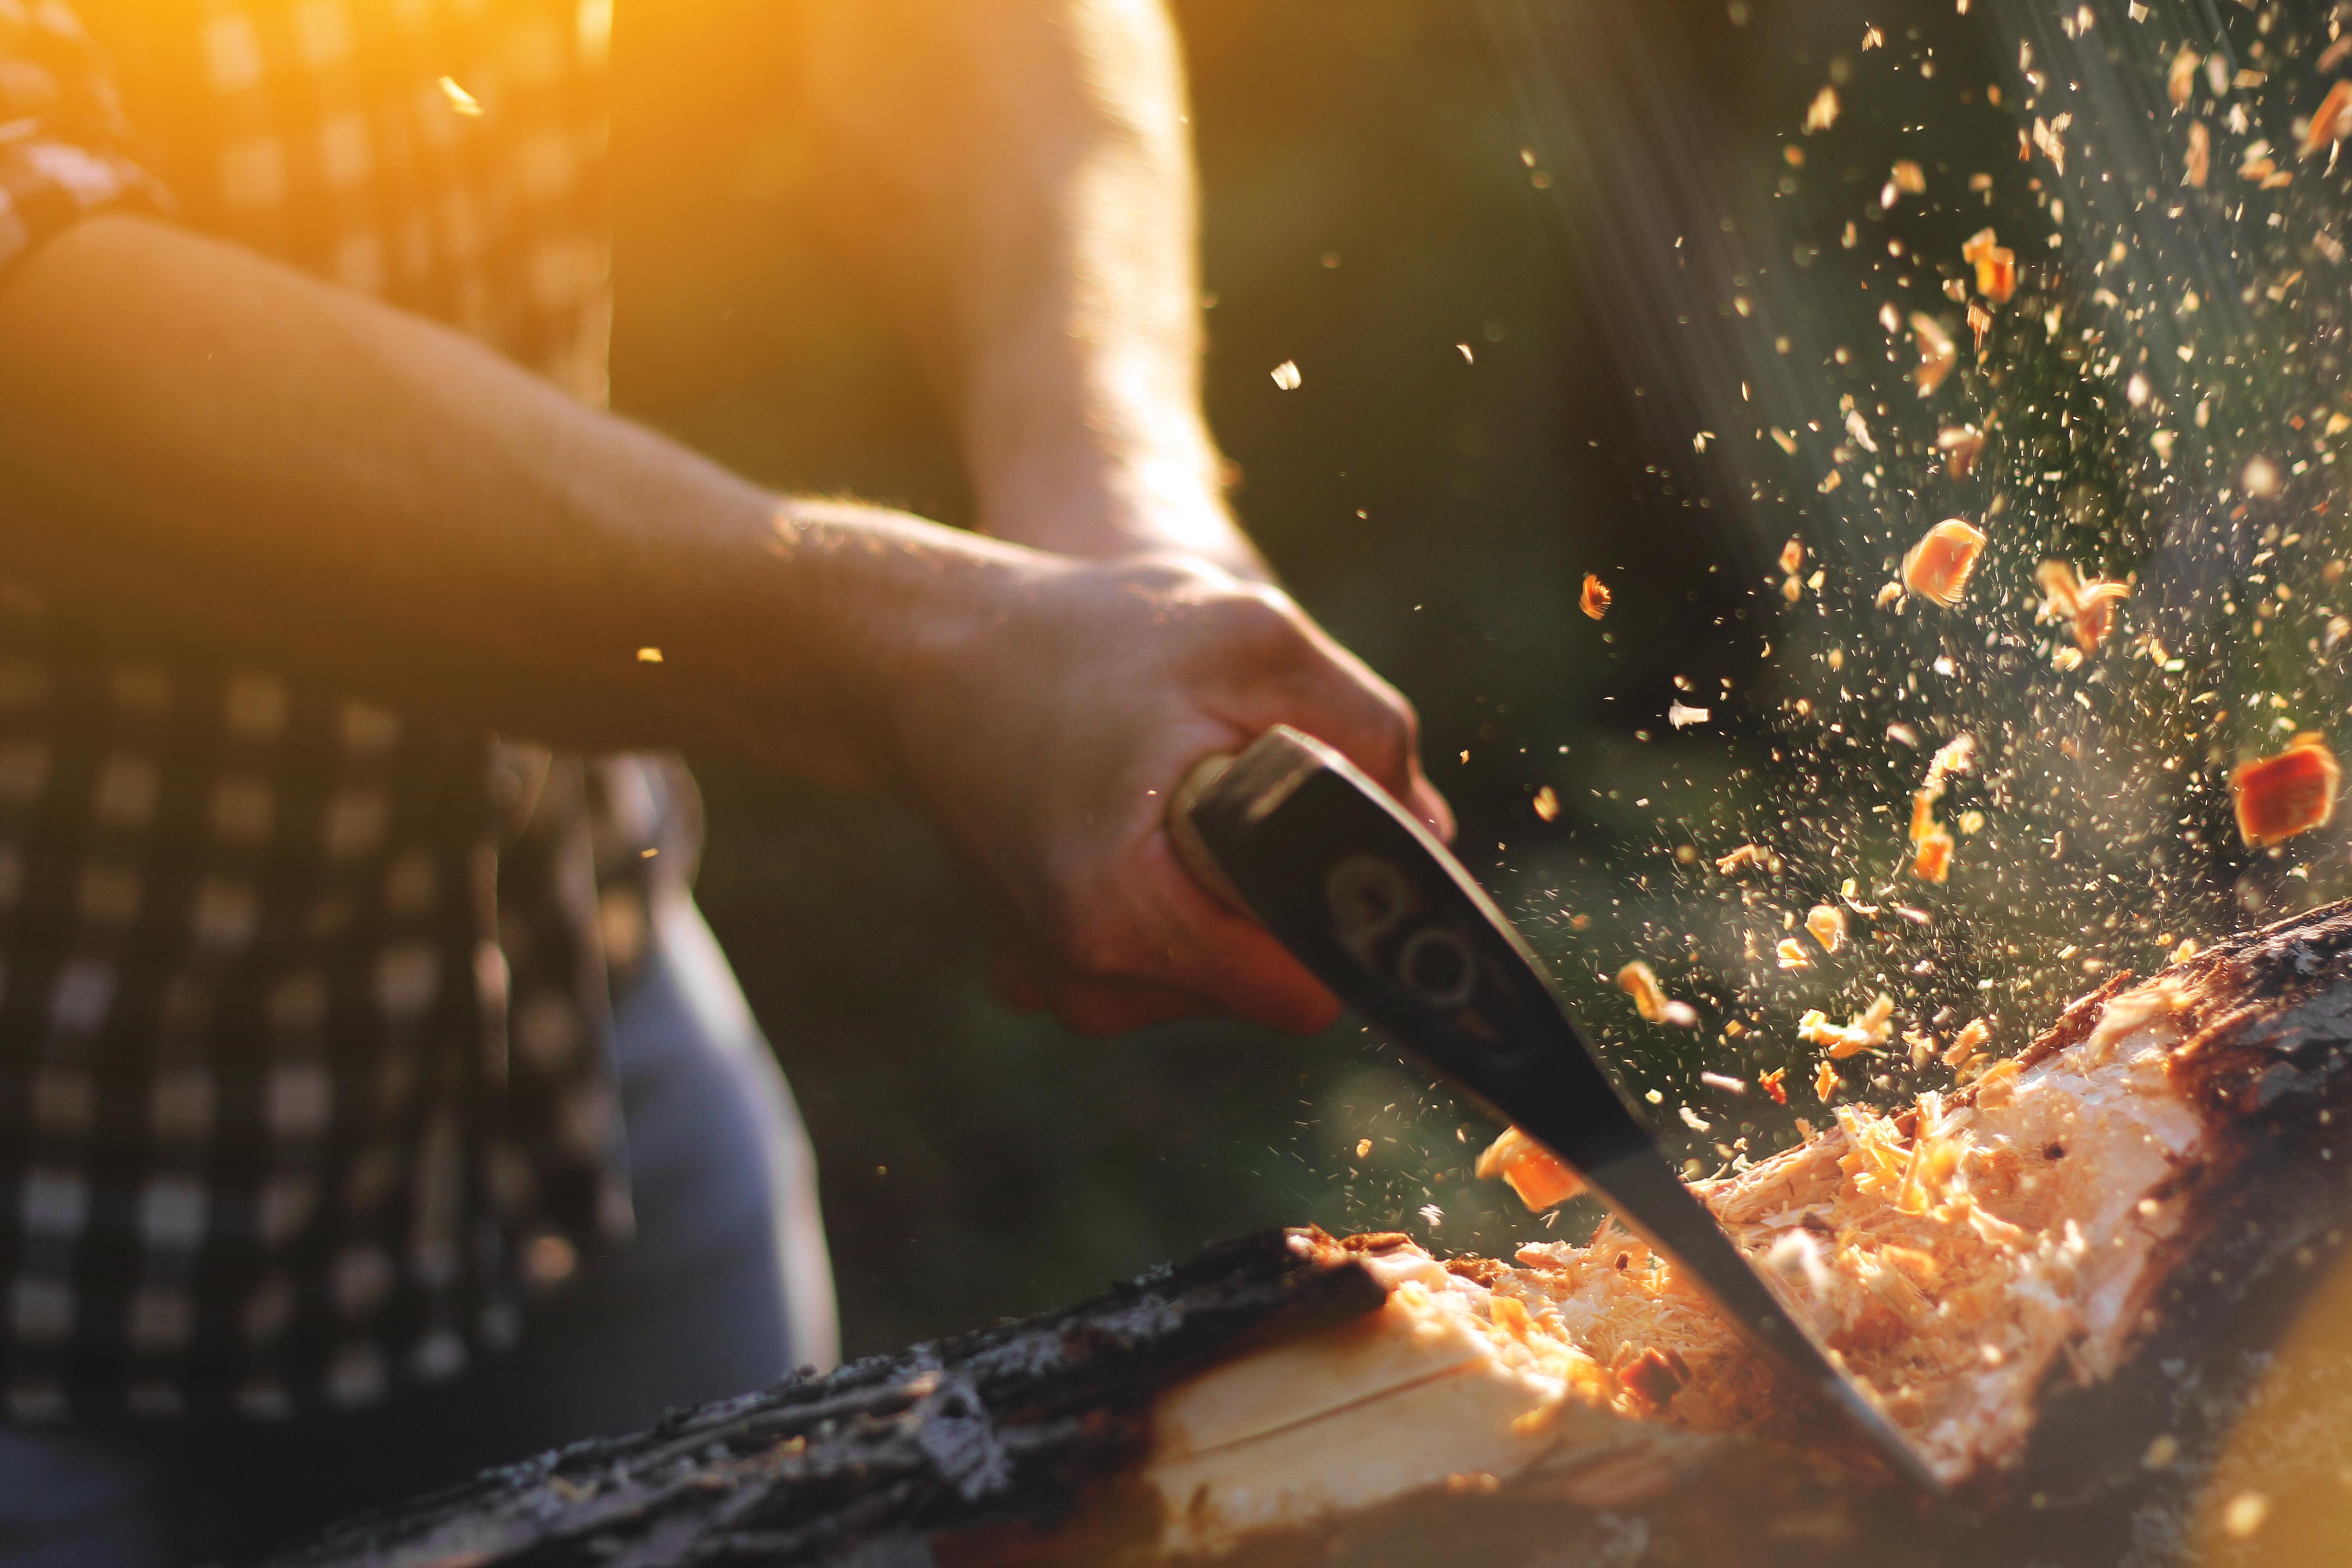 A man takes an ax to a log.